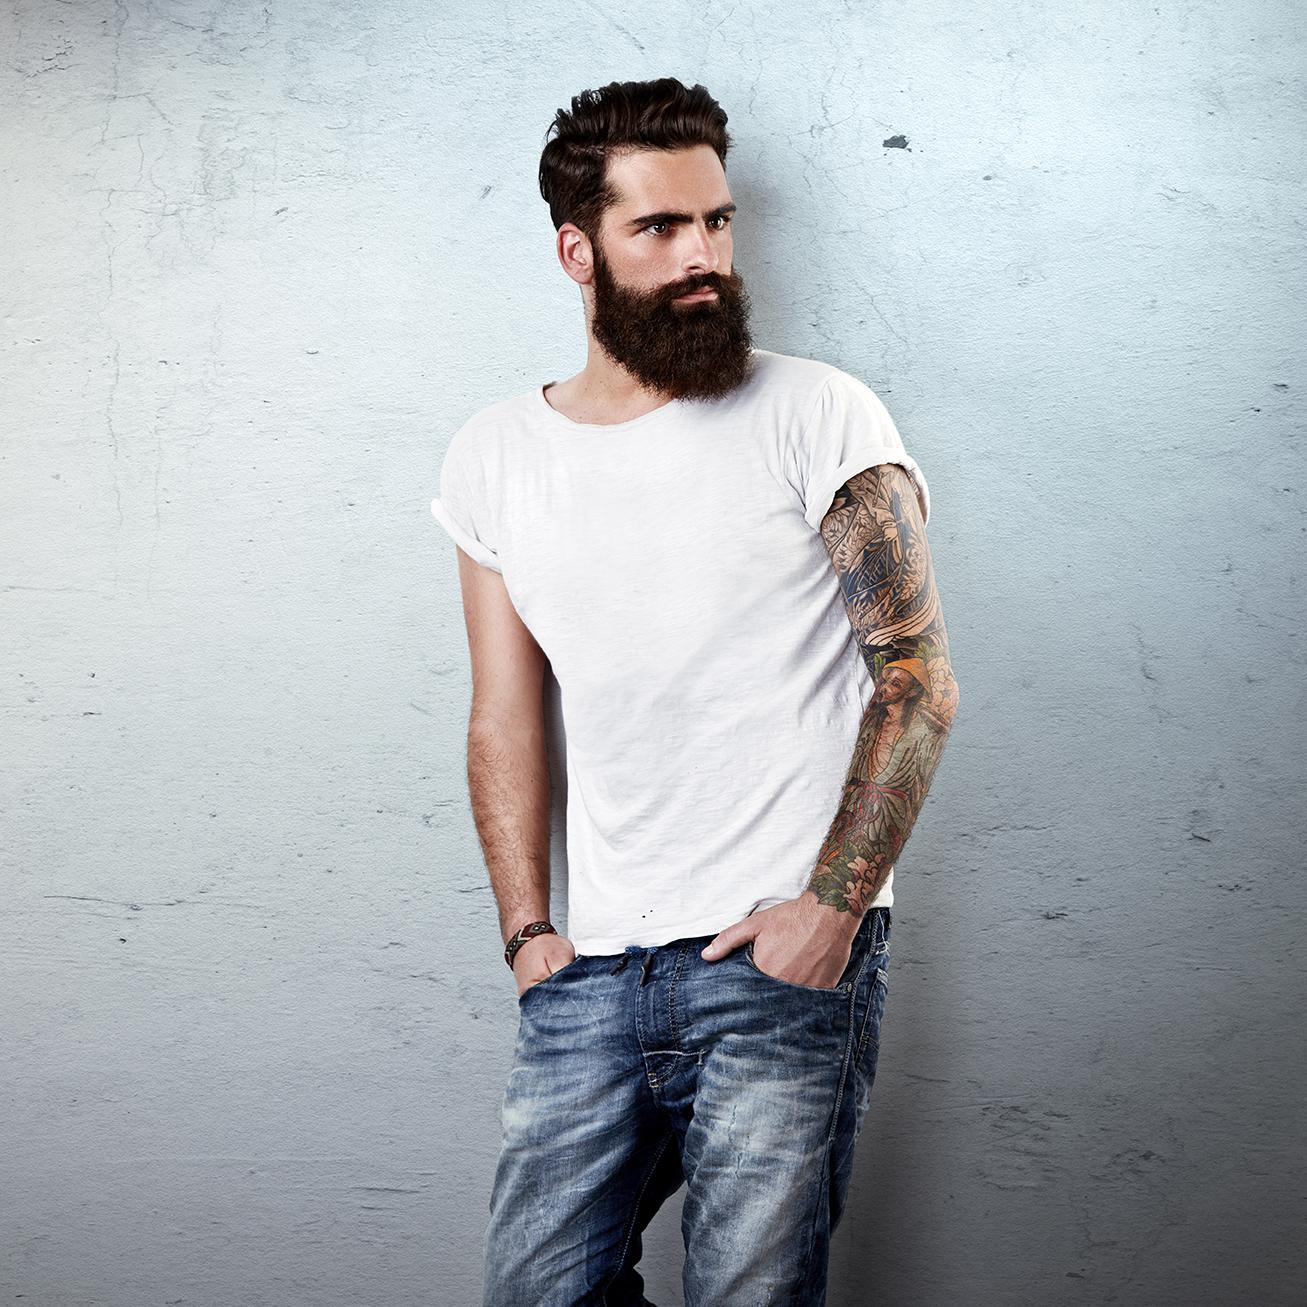 Eccezionale Offerta di uomo barba e capelli a Roma | Spiiky NQ18